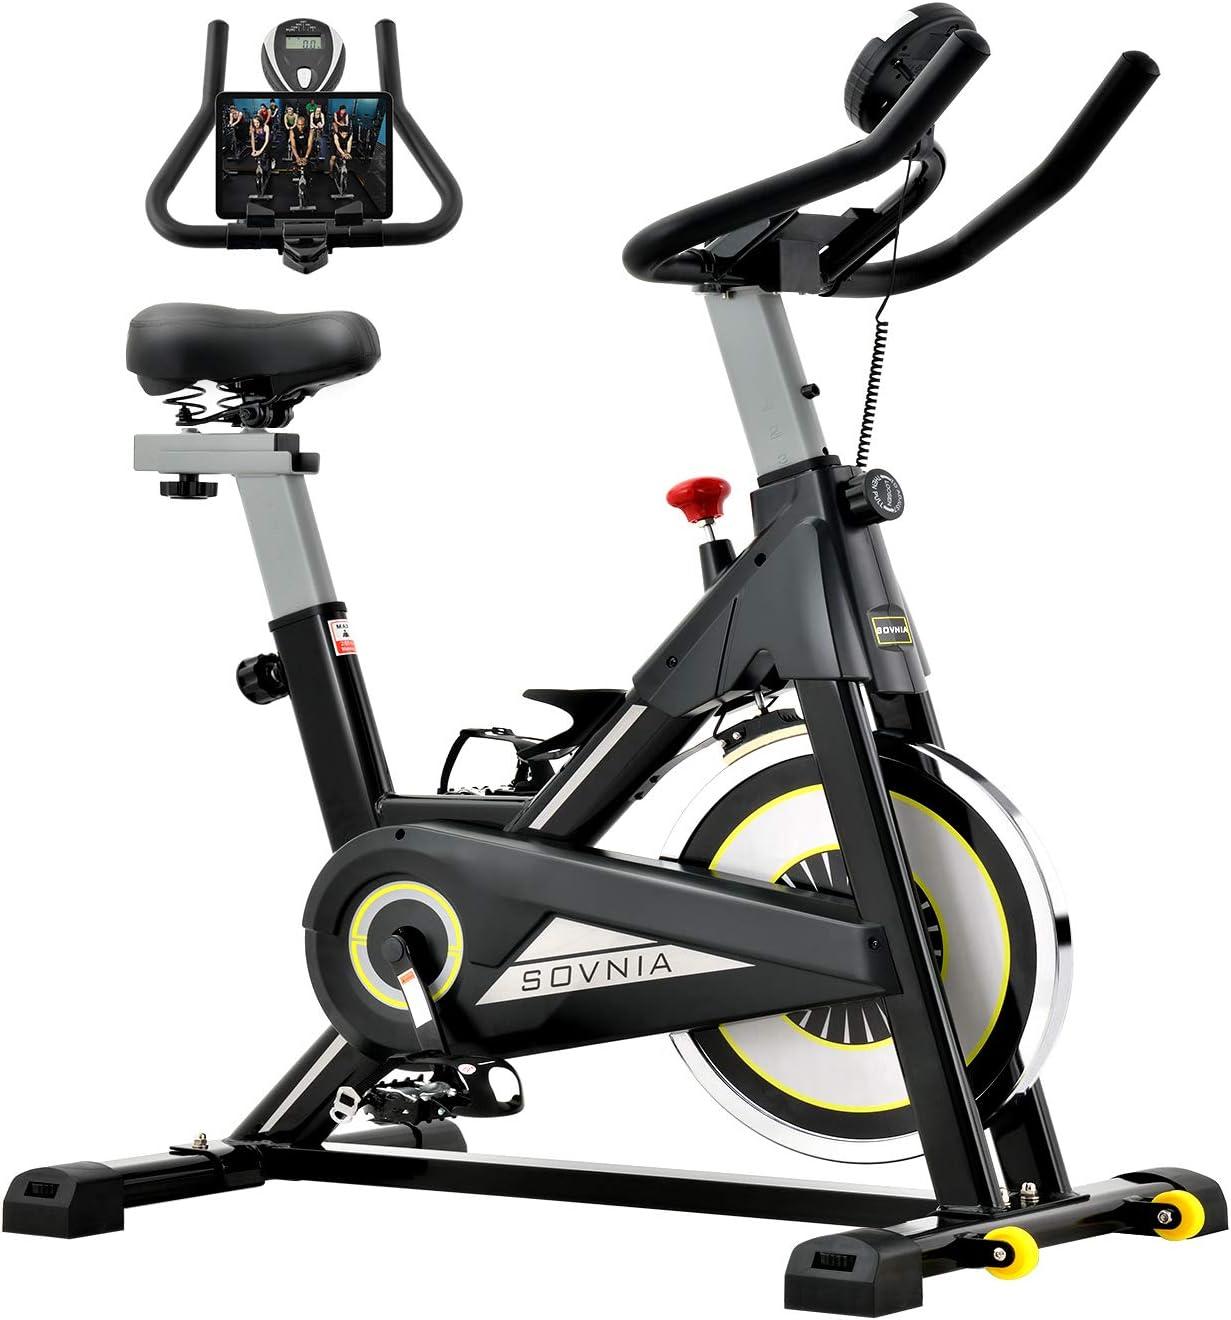 Sovnia Exercise Bike